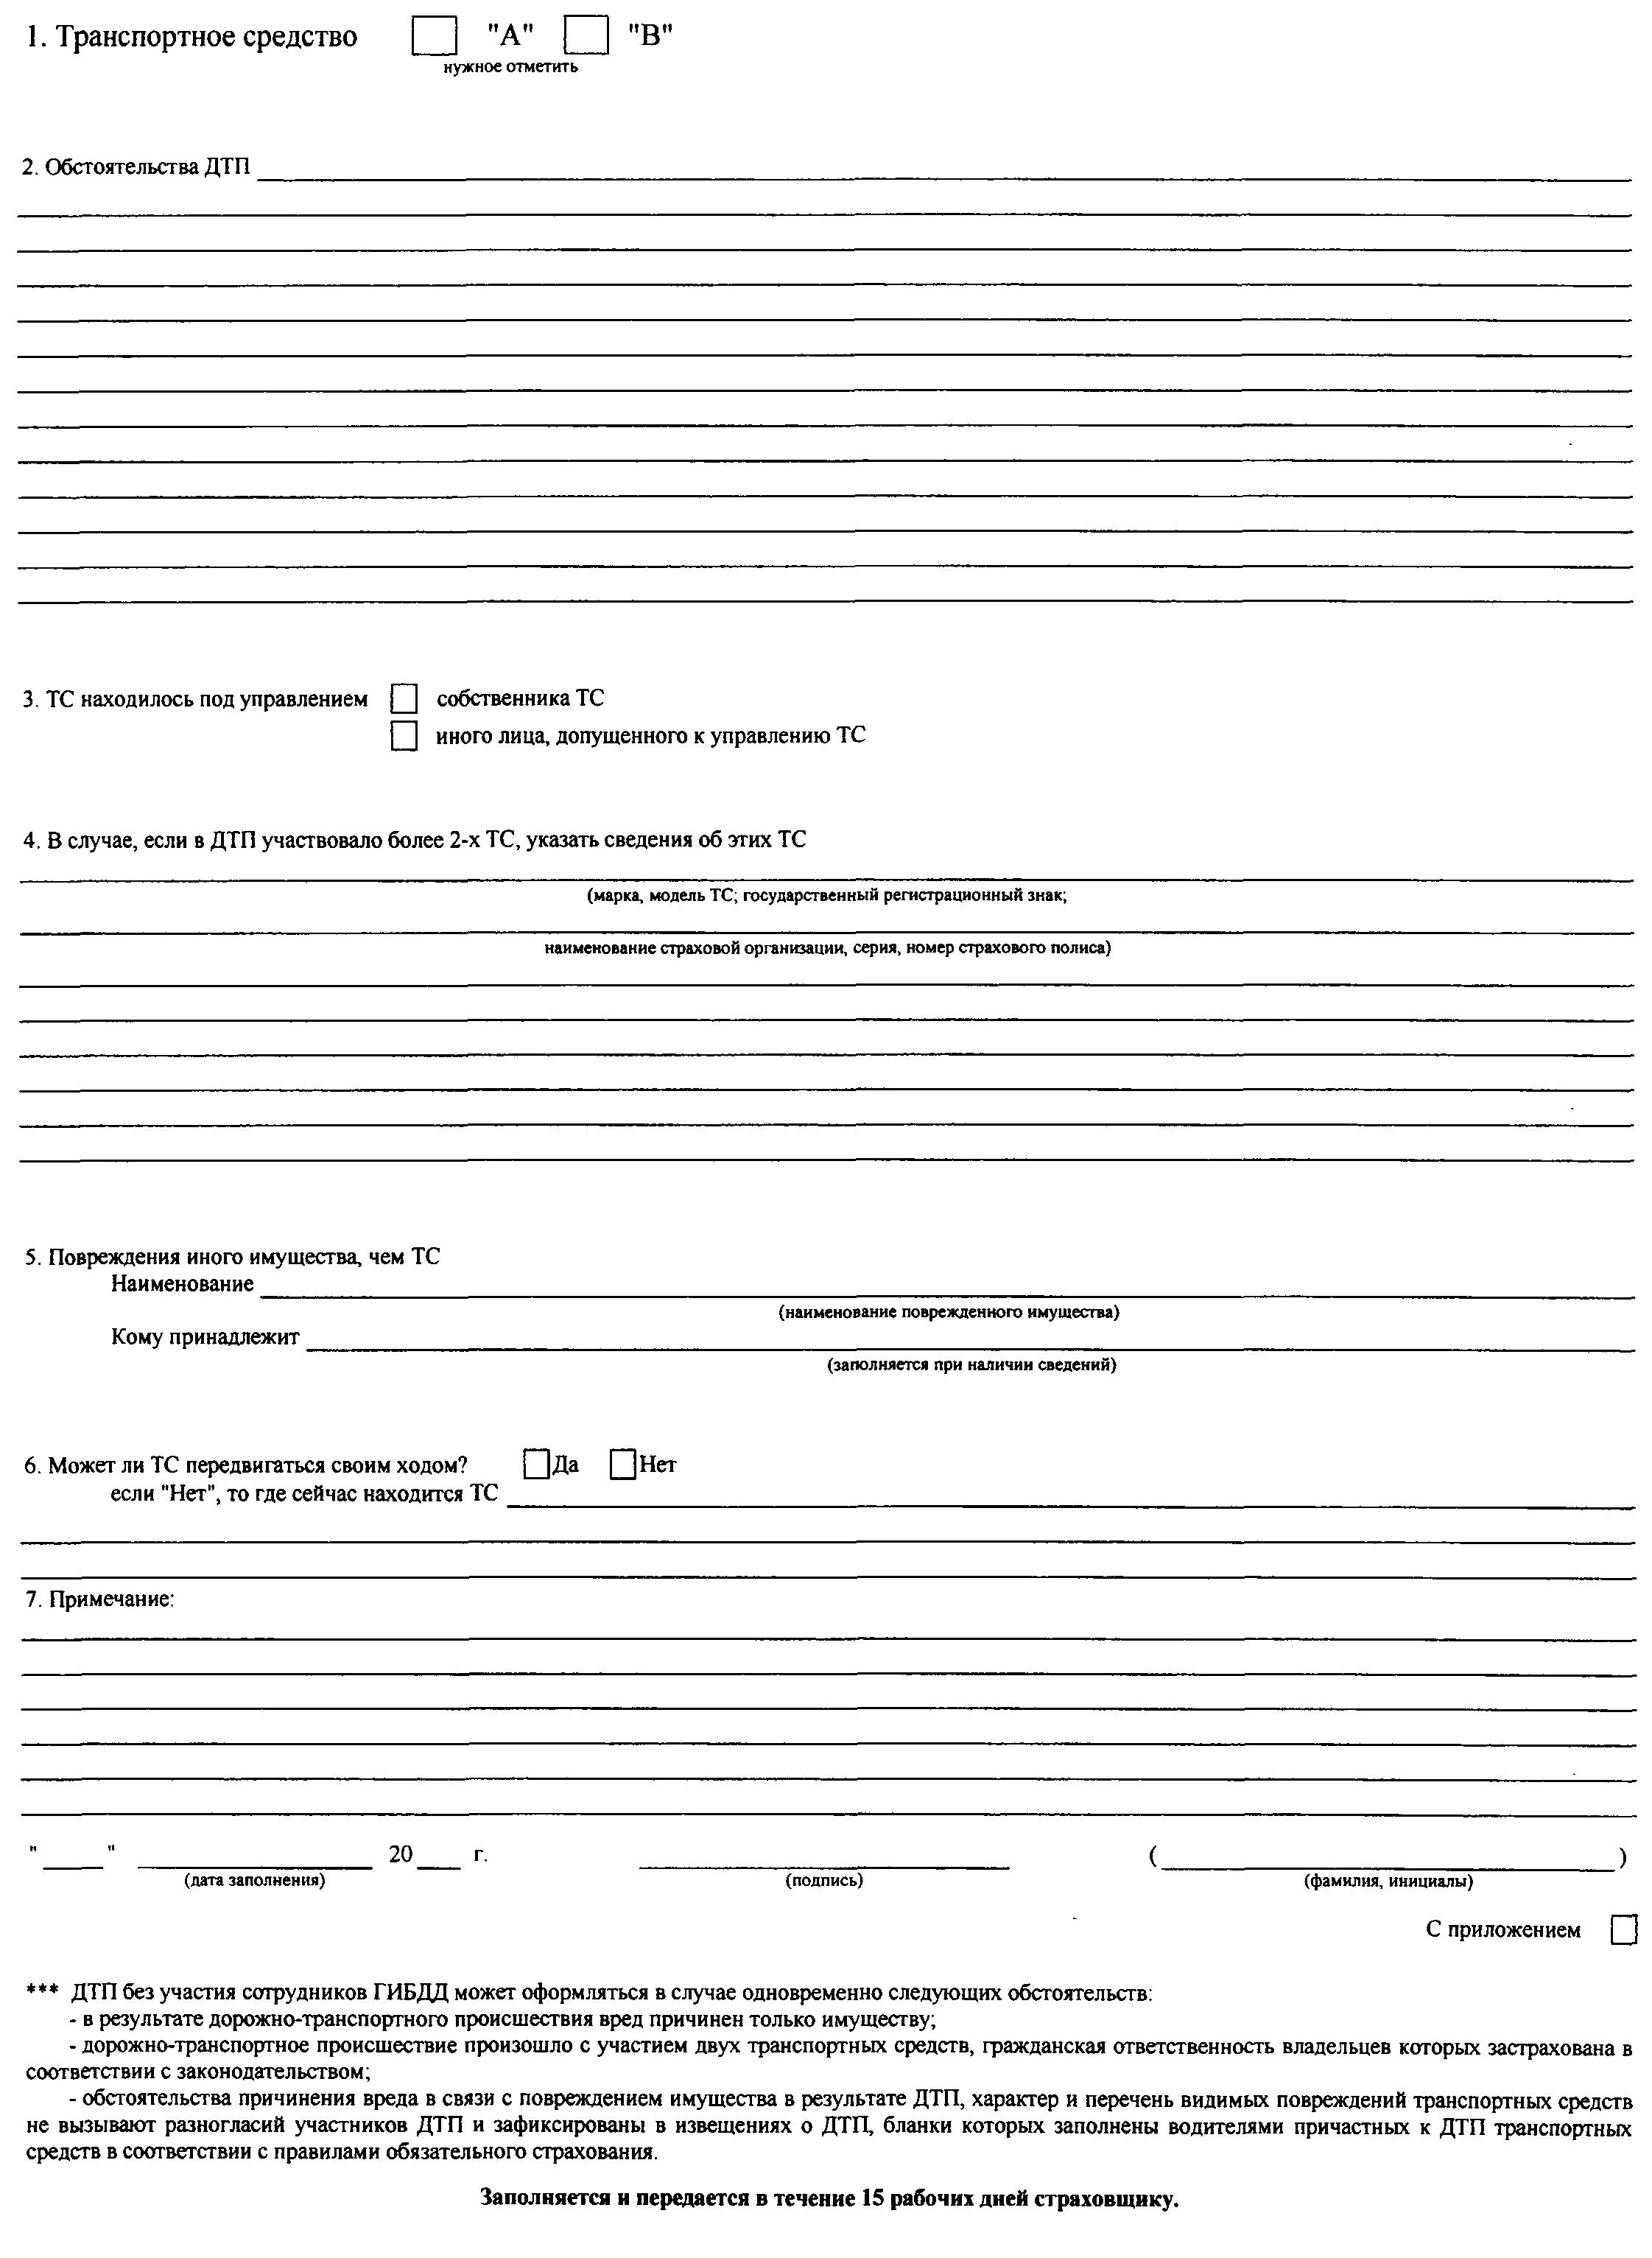 инструкция по заполнению заявления в гаи